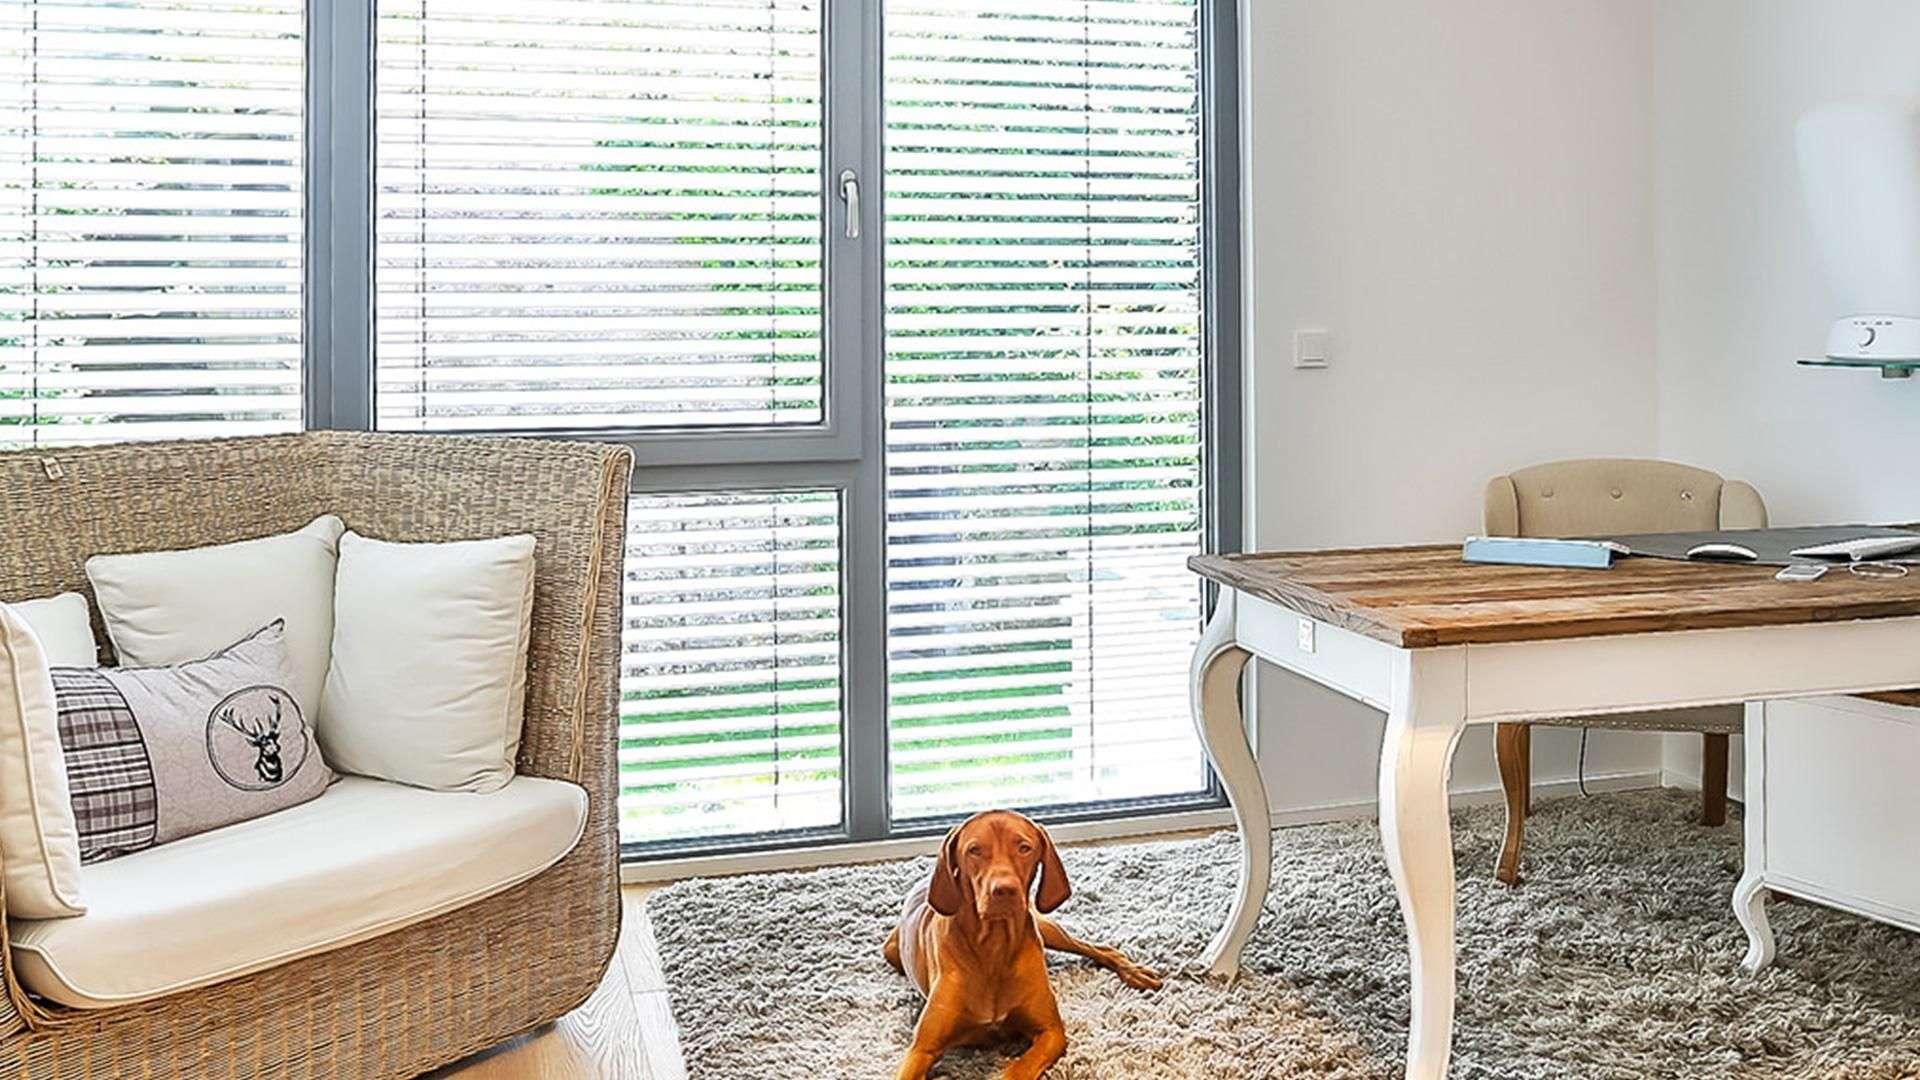 Raum mit Sessel, Tisch, Hund und großen Fenstern mit Rollos